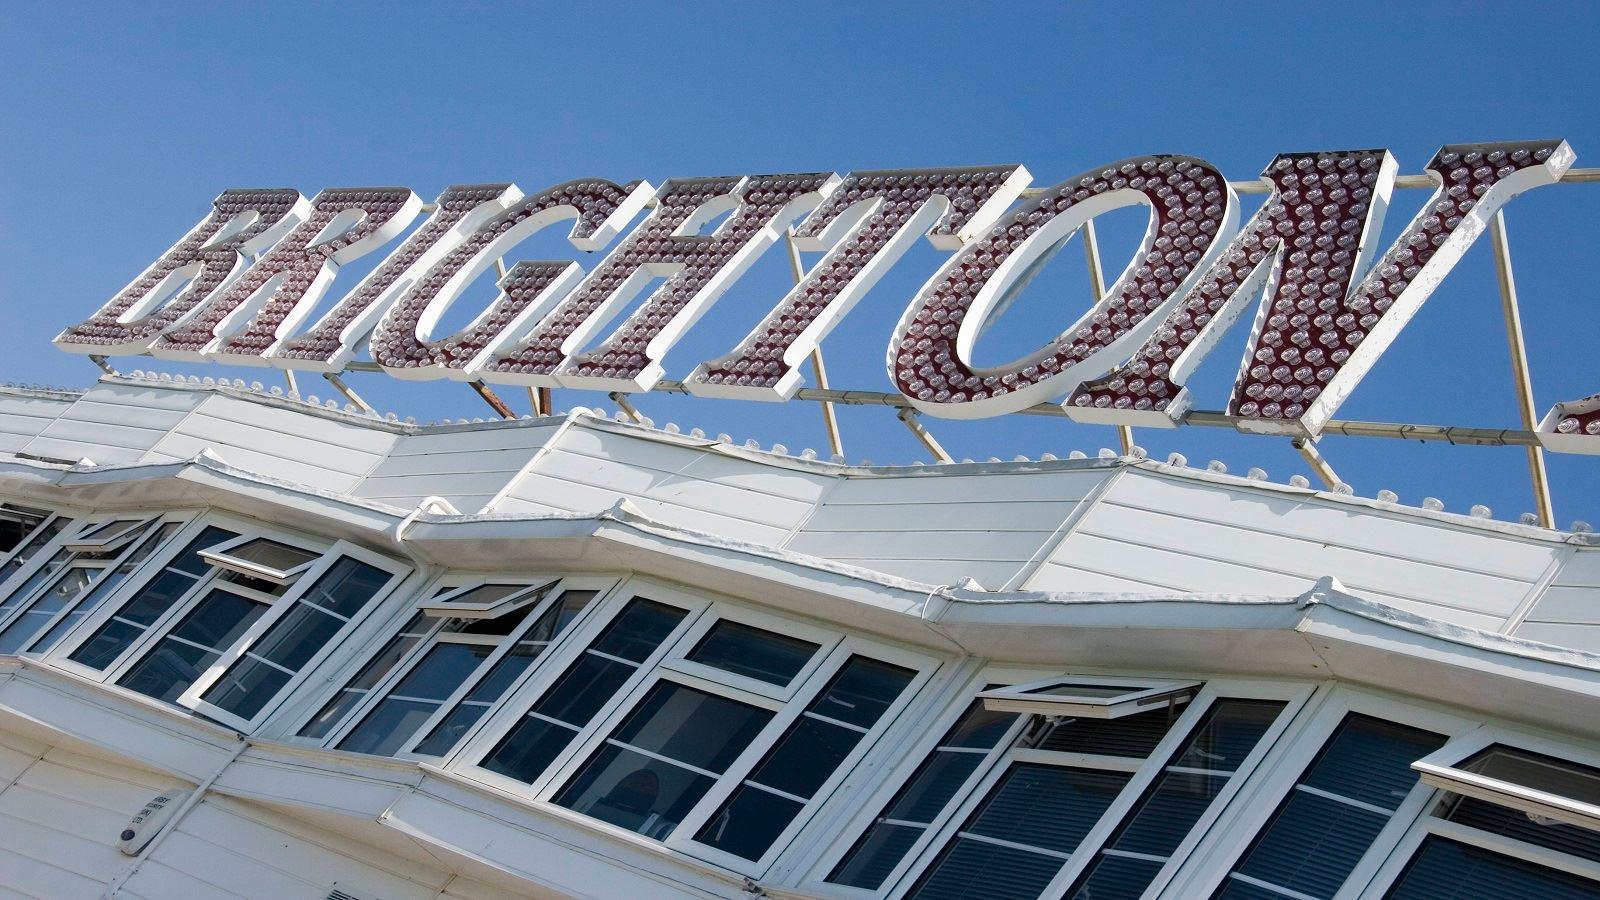 Brighton_image.jpg